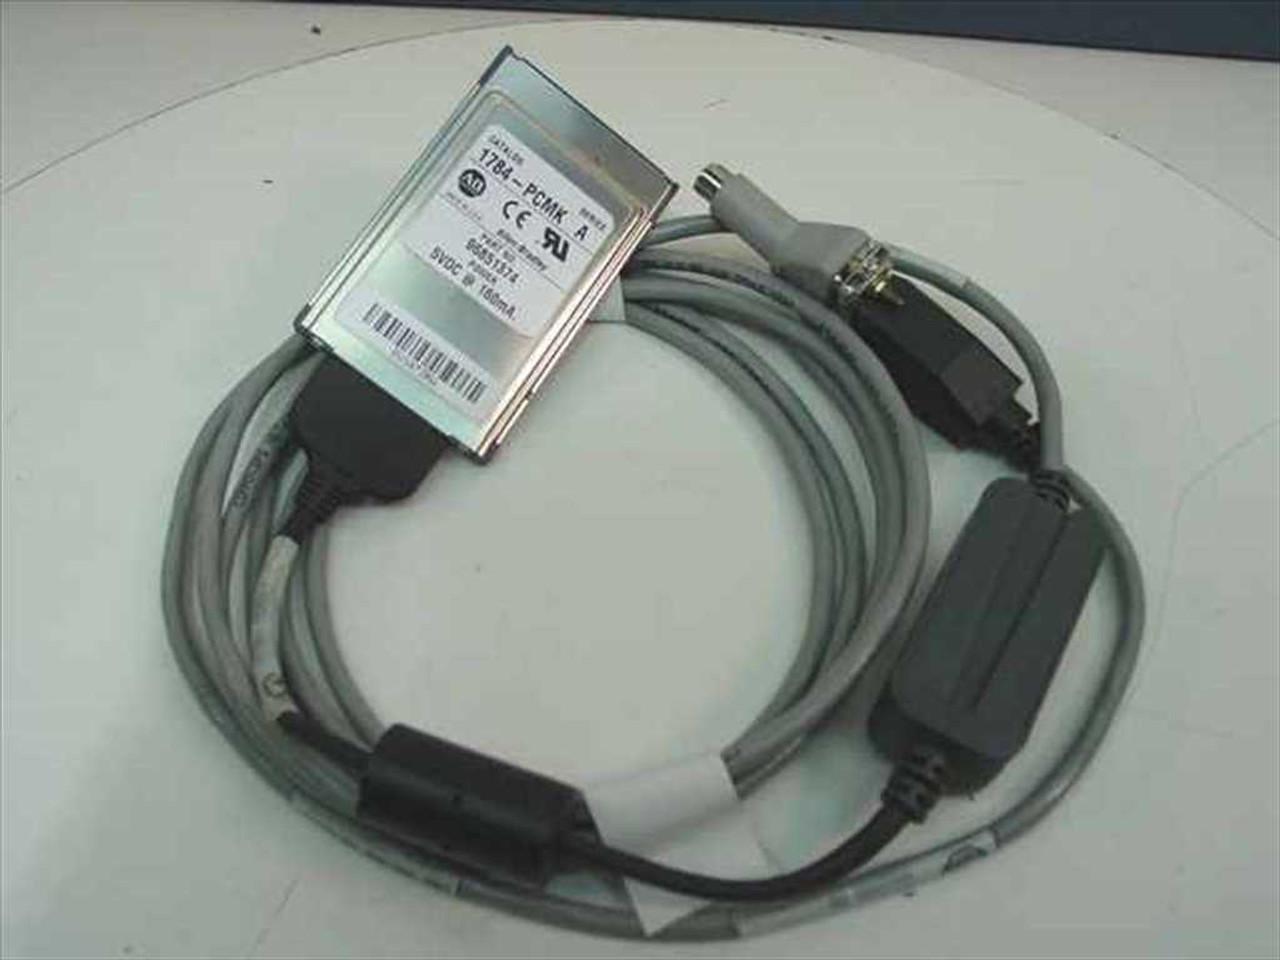 ALLEN-BRADLEY PLC-5 USER MANUAL Pdf Download